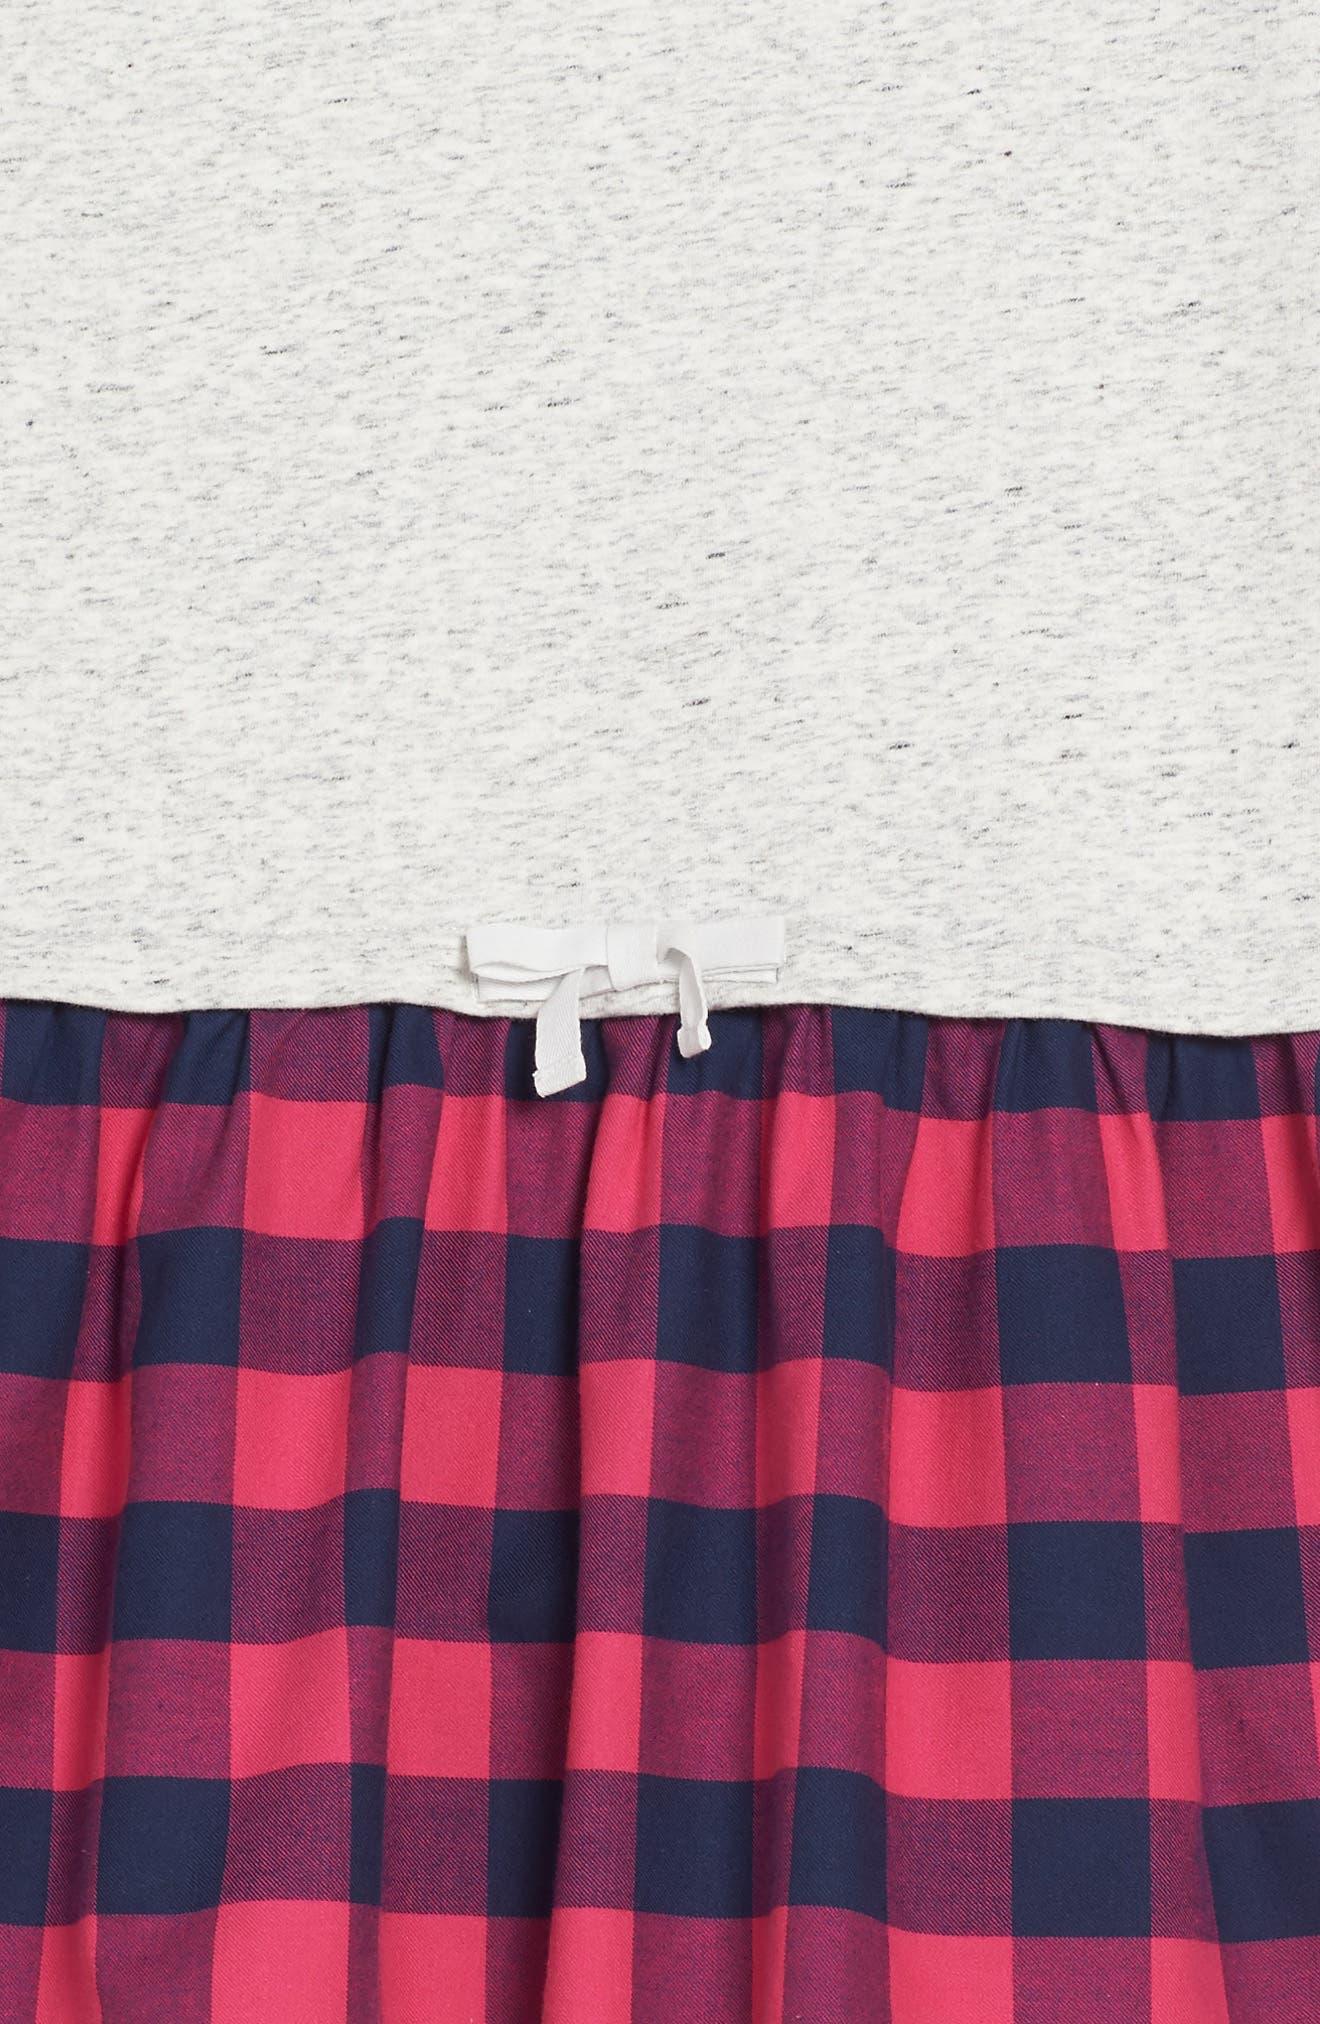 Buffalo Check Sweatshirt,                             Alternate thumbnail 3, color,                             039